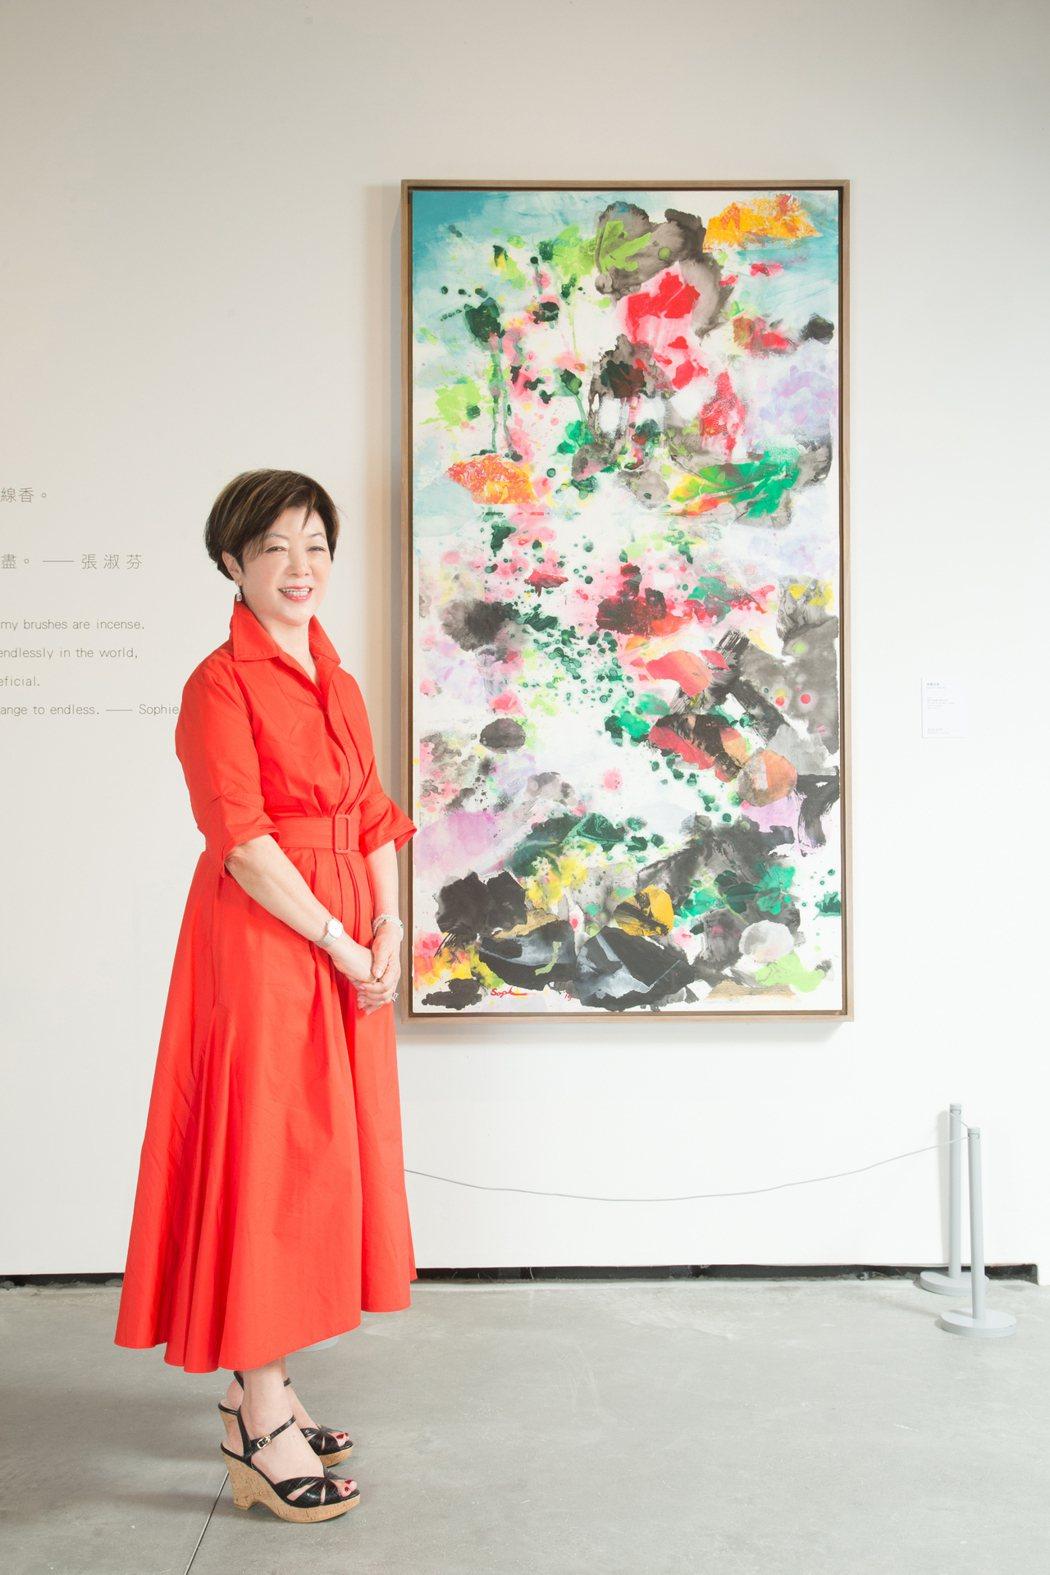 張淑芬不在意被標籤「張忠謀的太太」,但她同時也是畫家。記者陳立凱/攝影